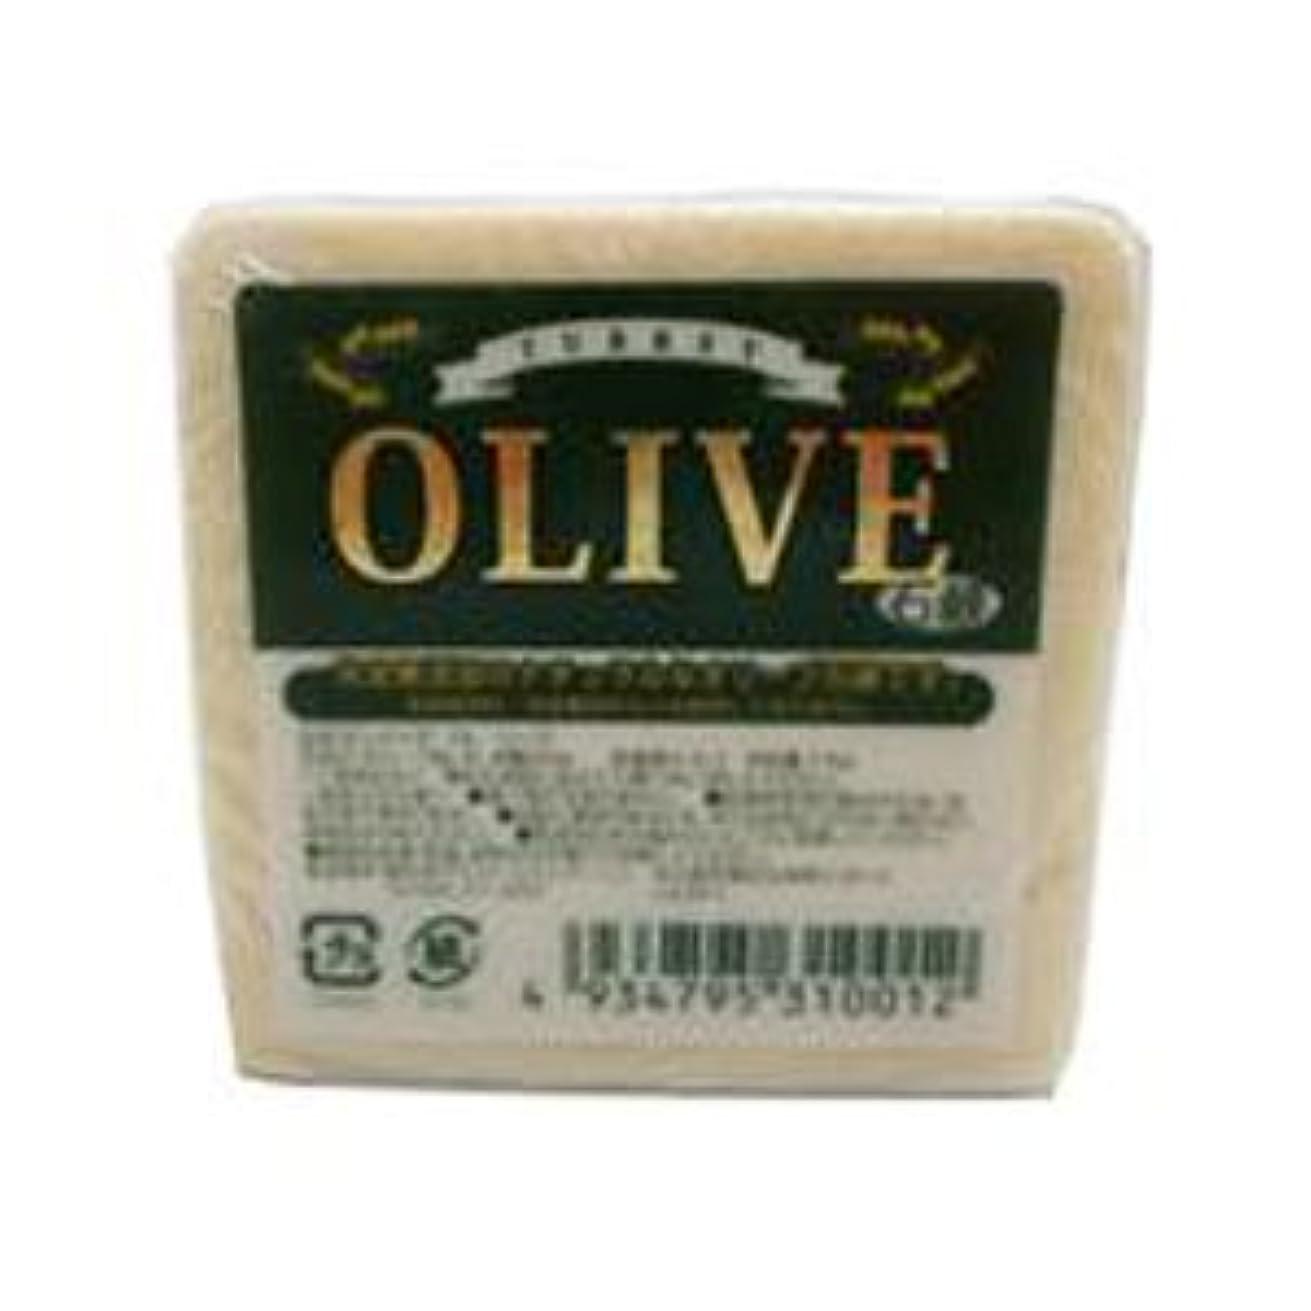 千移植ユーモラスお得な10個セット トルコ産オリーブを使用した無添加石鹸 ターキーオリーブ石鹸 135g